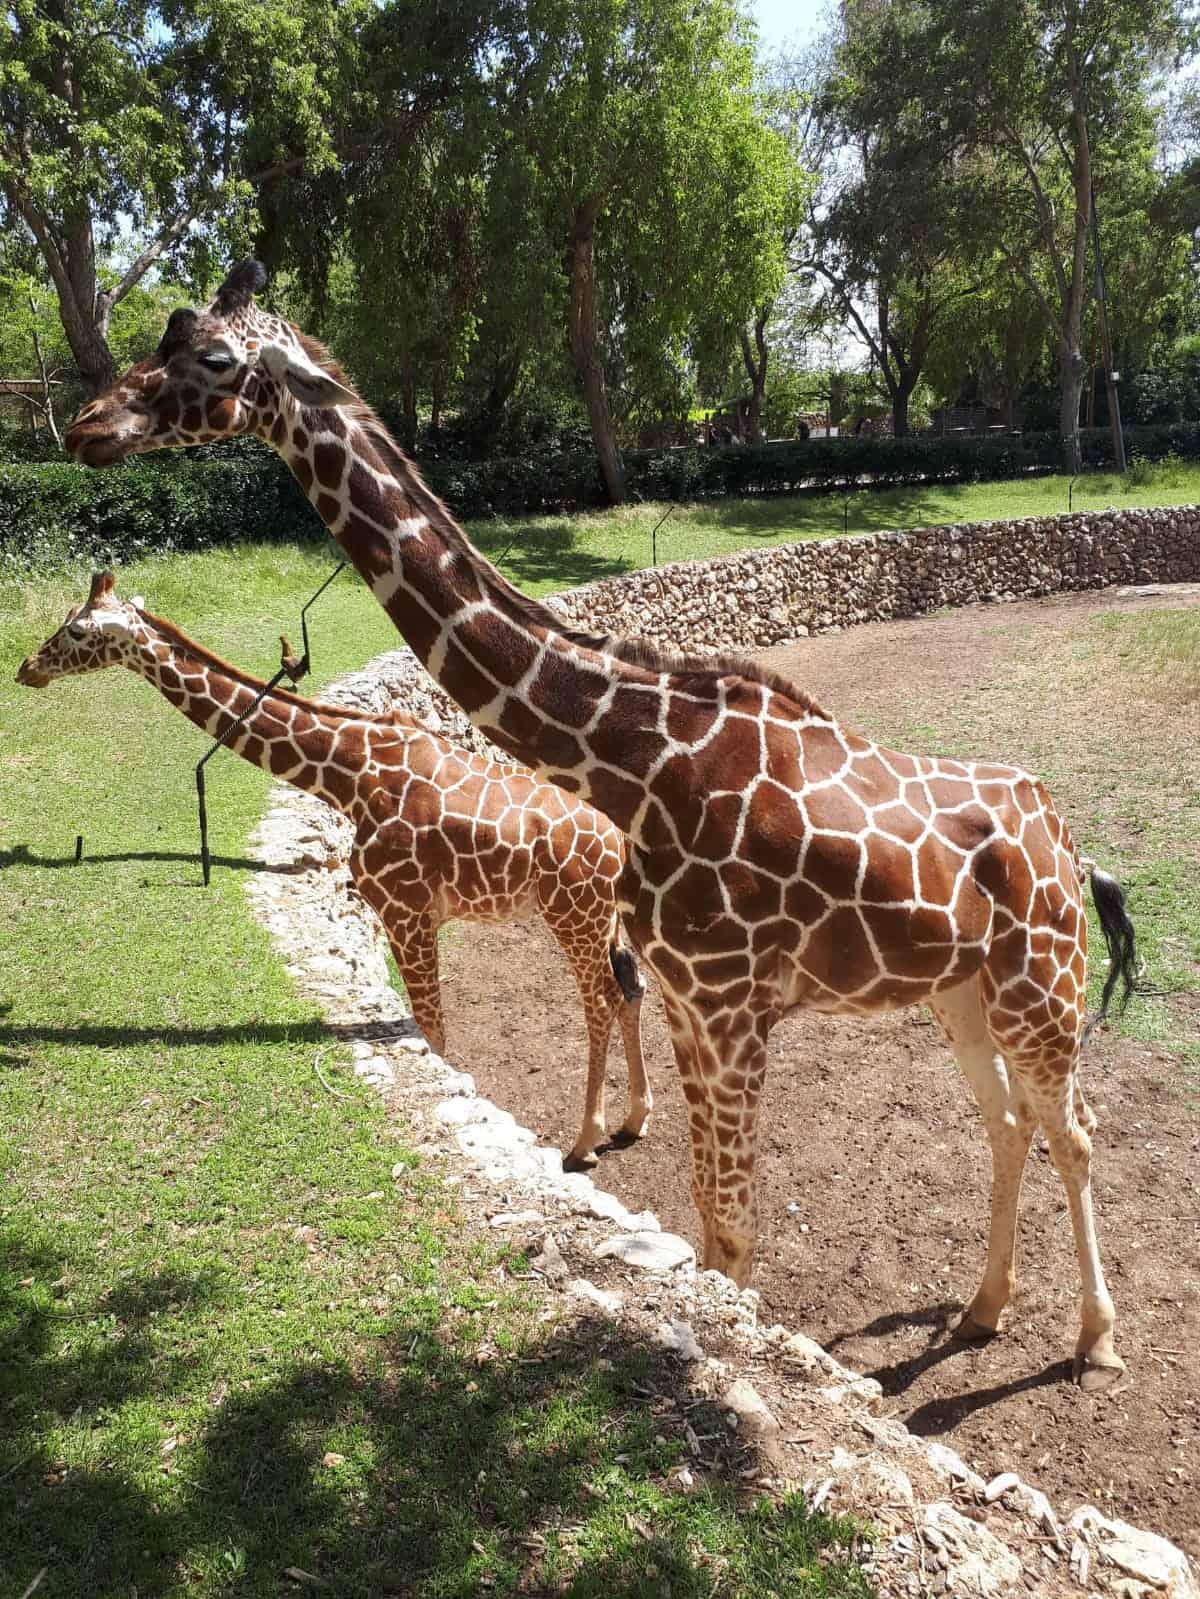 בספארי חיות 7 ג'ירפות, עושים כבוד לדניס, יום הג'ירפה שמח, צילום: צילומים: שגיא טבצ'ניק ואדם לוי